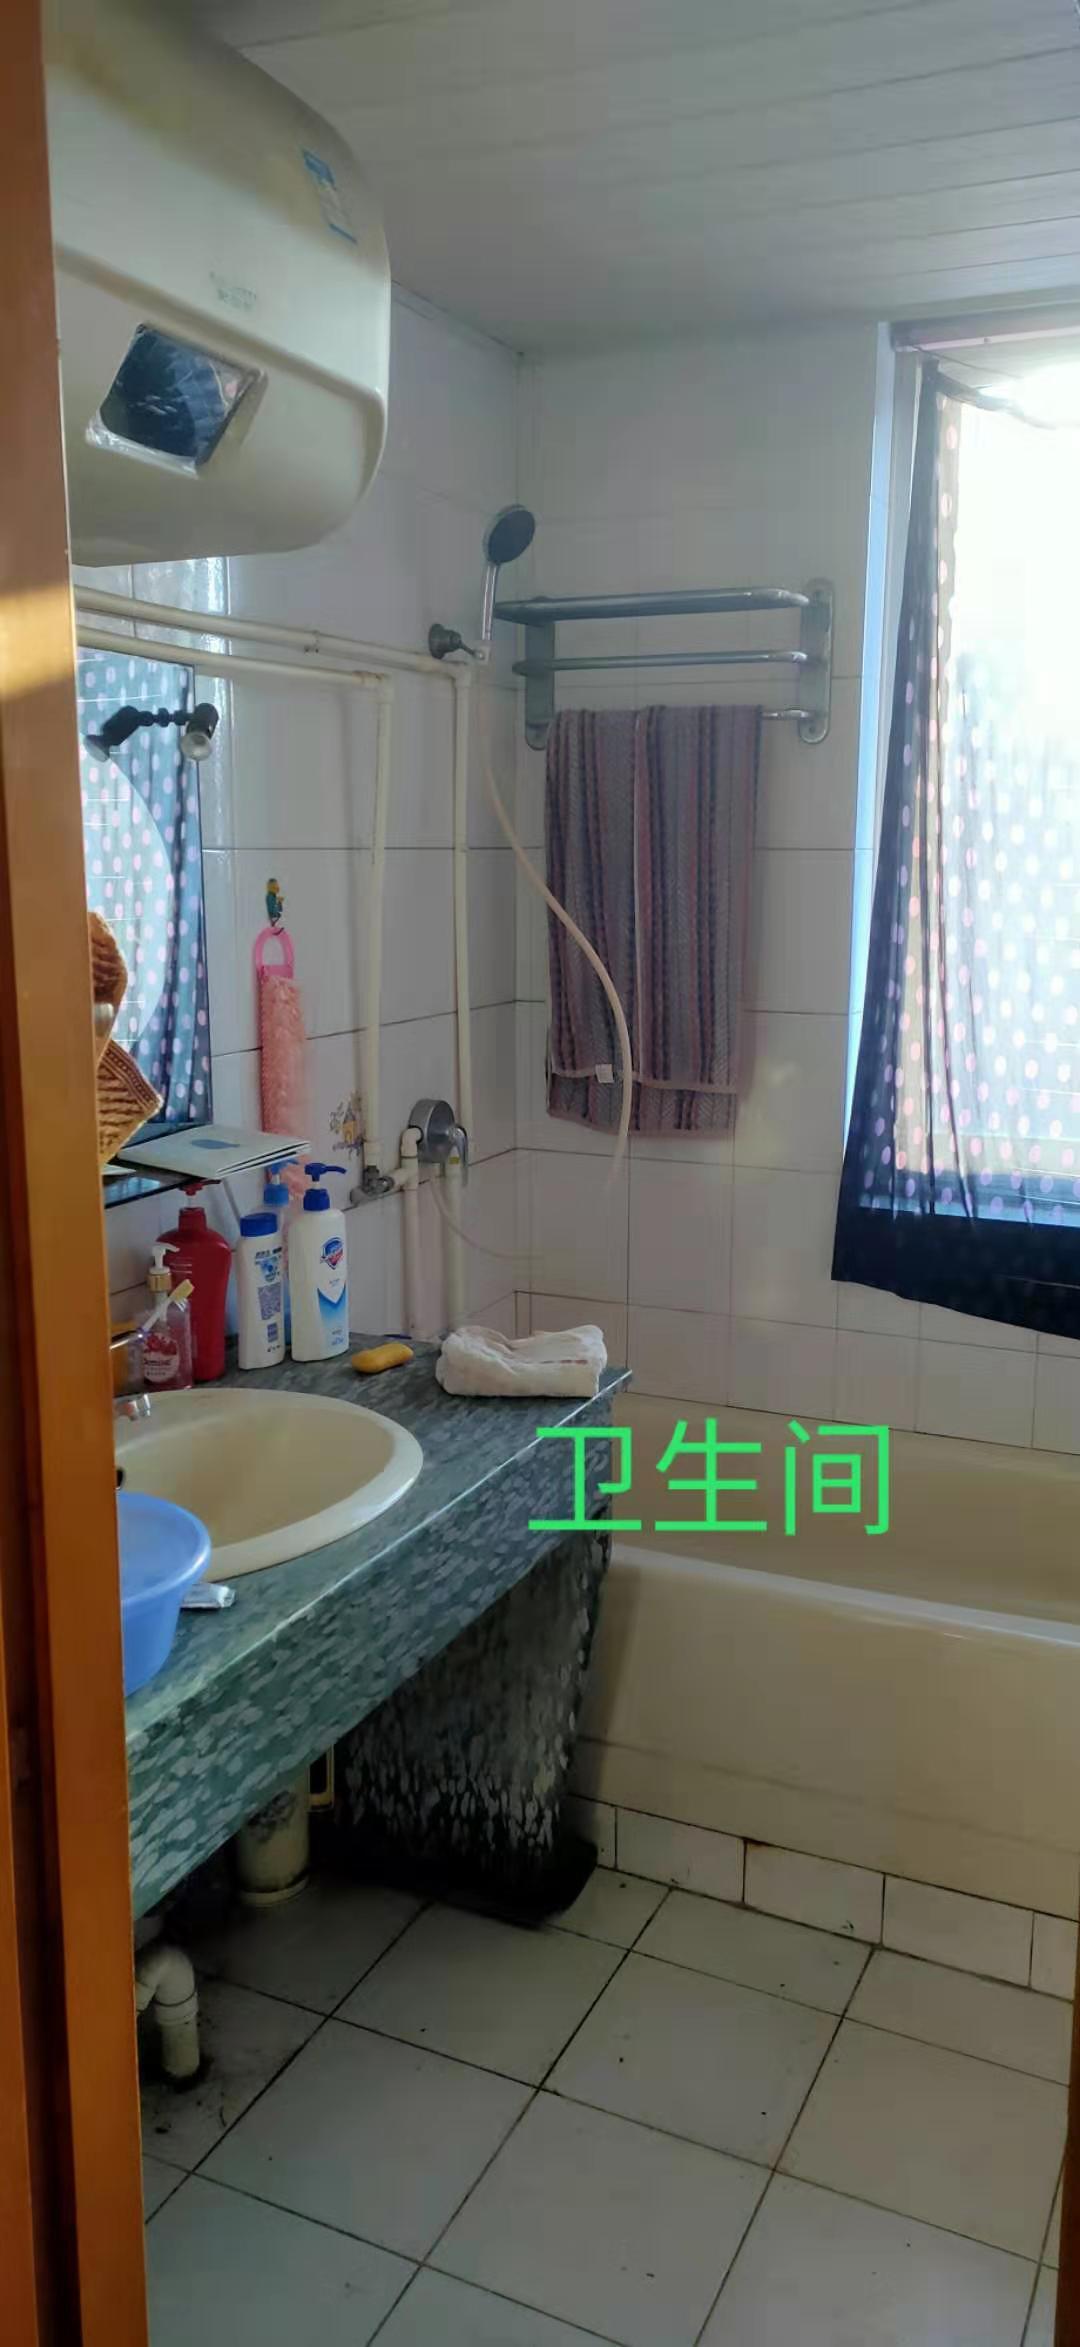 12288出售新昌县南明街道临城一村教师之家5+6,126平方,外梯,等于二套,4室2厅1卫,带露台,售价115万